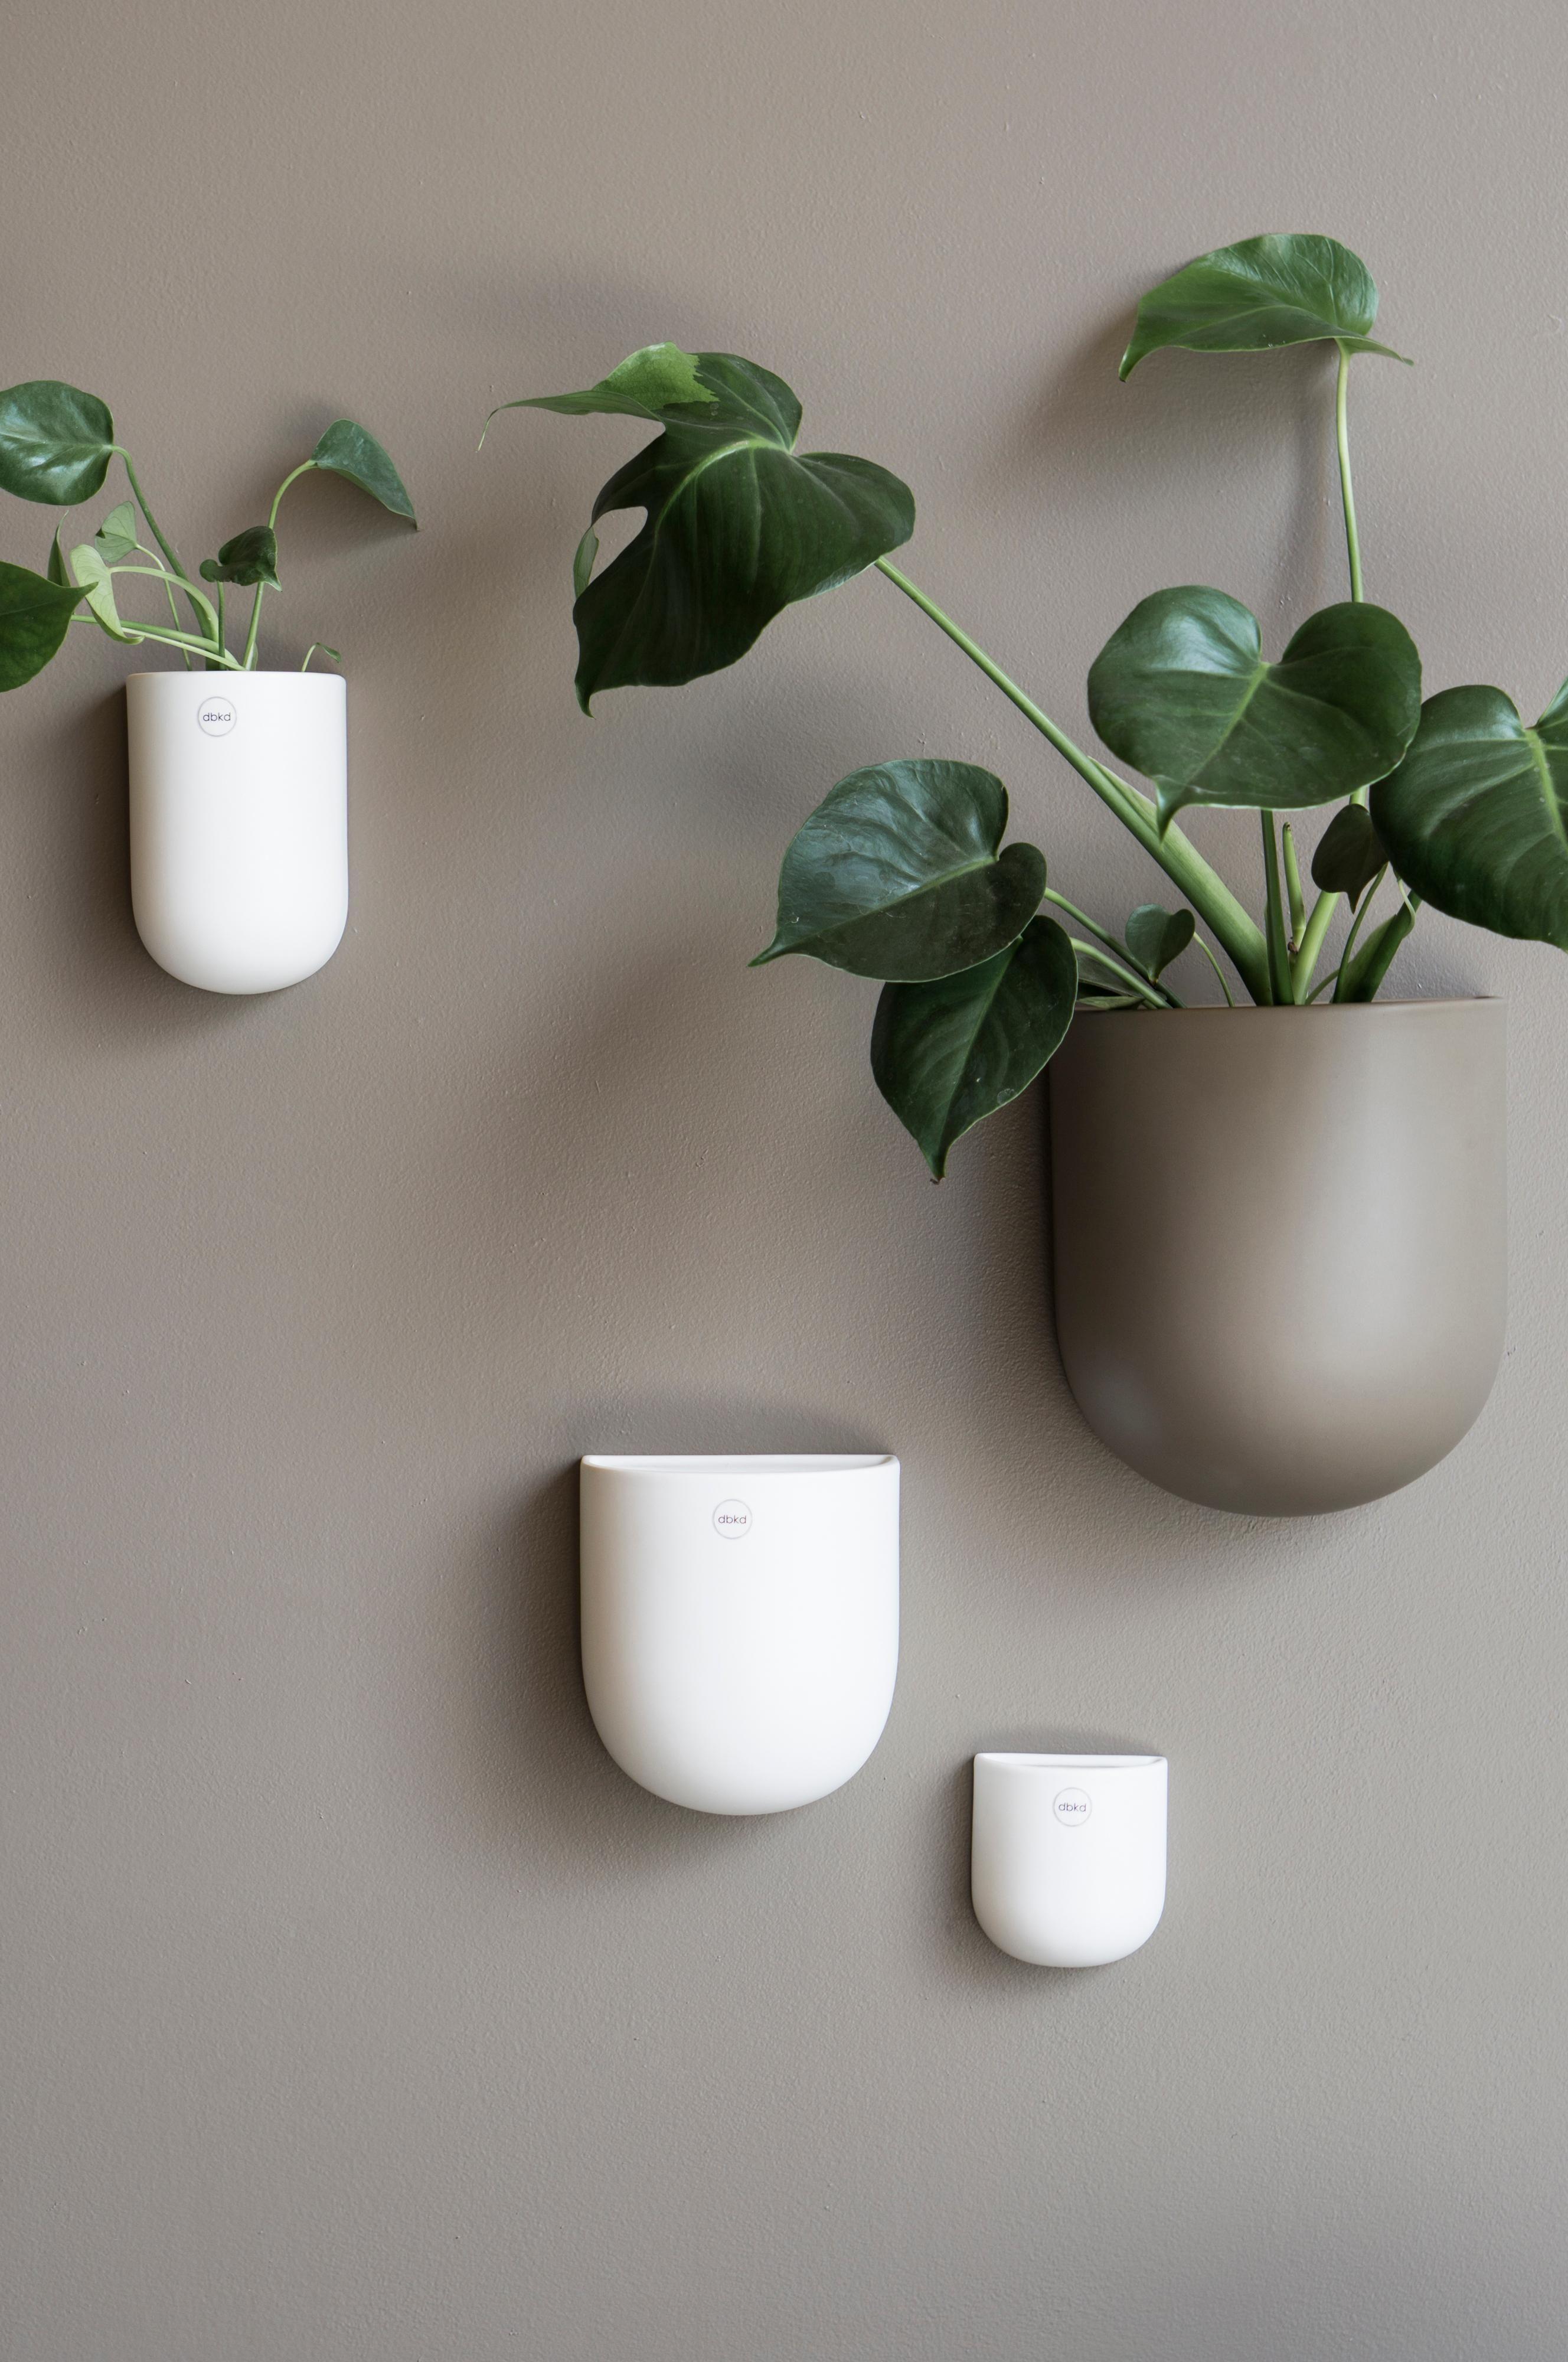 596ca8943dd1 Väggkruka CUT XL i 2019   Nytt hus ideer   Planters, Planter pots ...